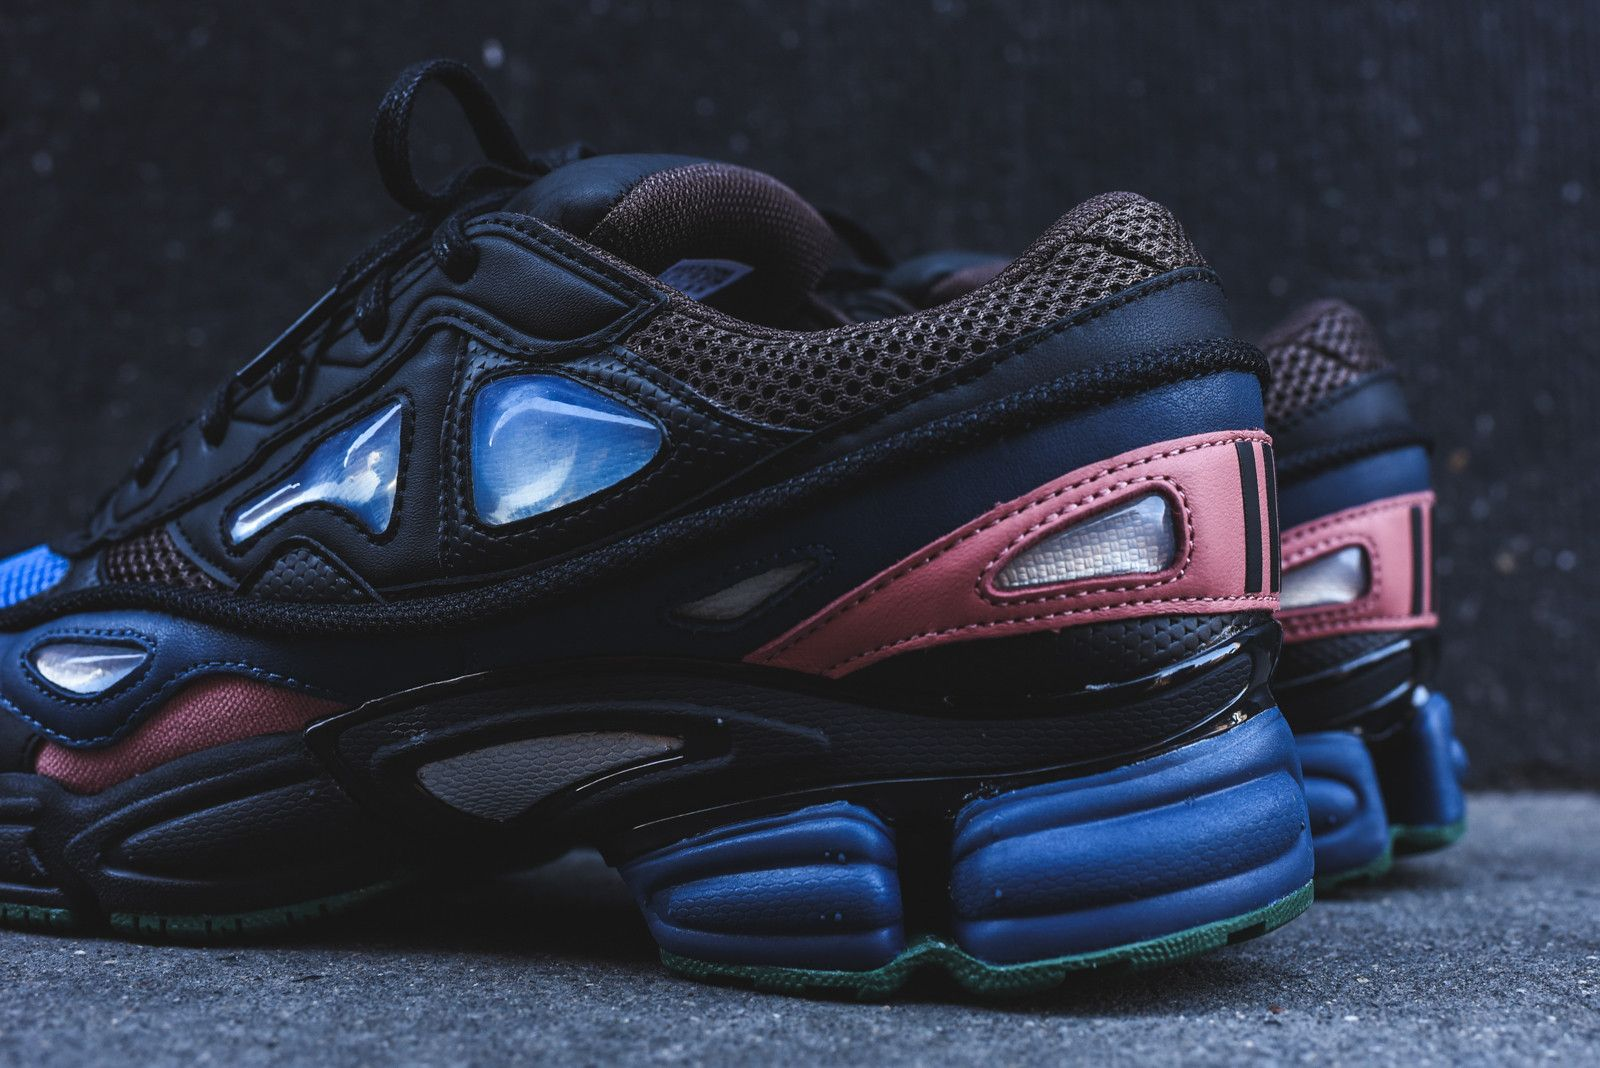 adidas by Raf Simons Ozweego 2 - Black   Blue   Pink   Adidas Raf ... bf5da51a2d3